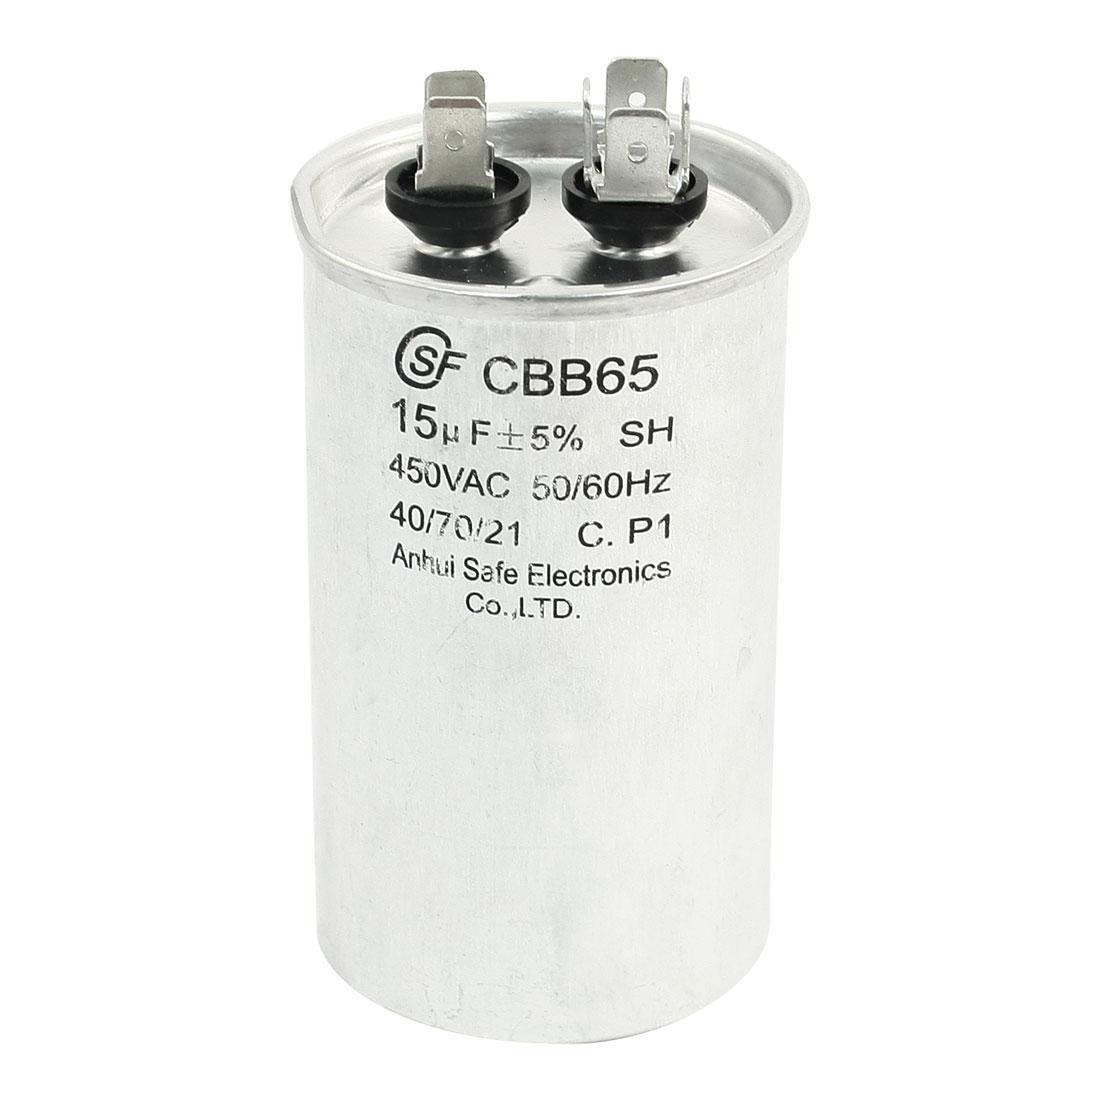 CBB65 450VAC 15uF Cylinder Shaped Polypropylene Film Motor Capacitor